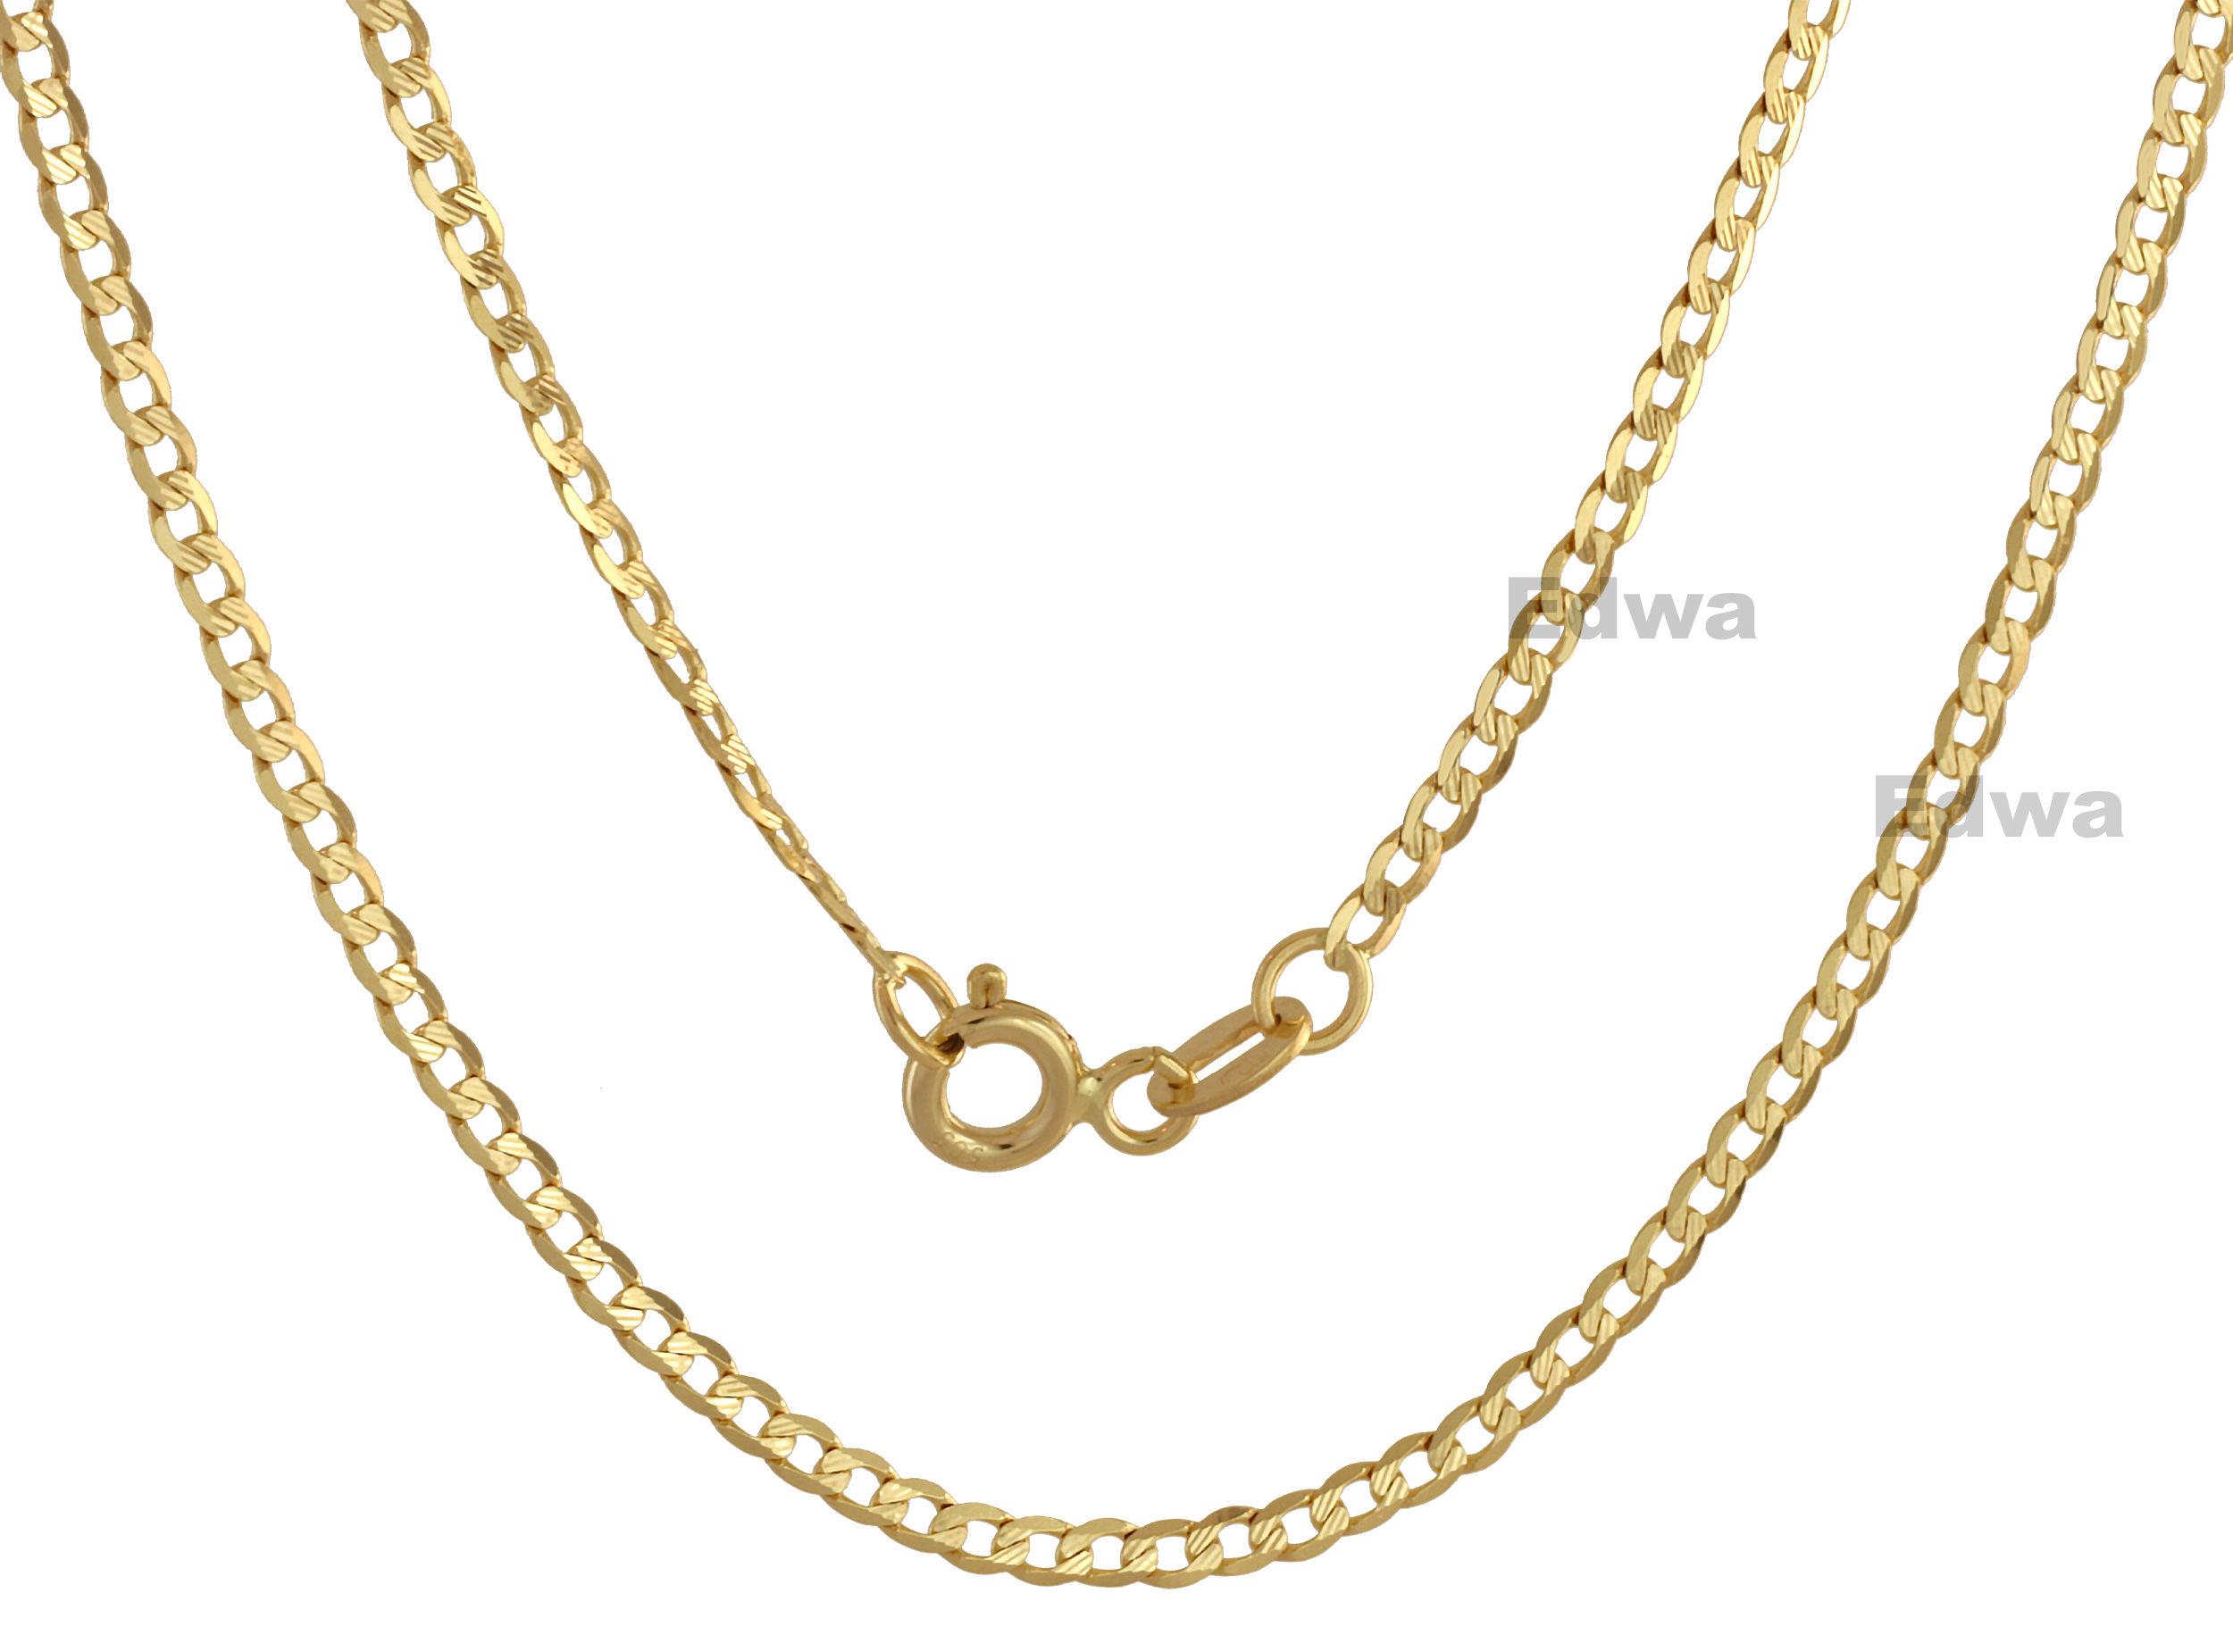 Łańcuszek złoty (Pełny) Pancerka z grawerem pr.585 45 cm